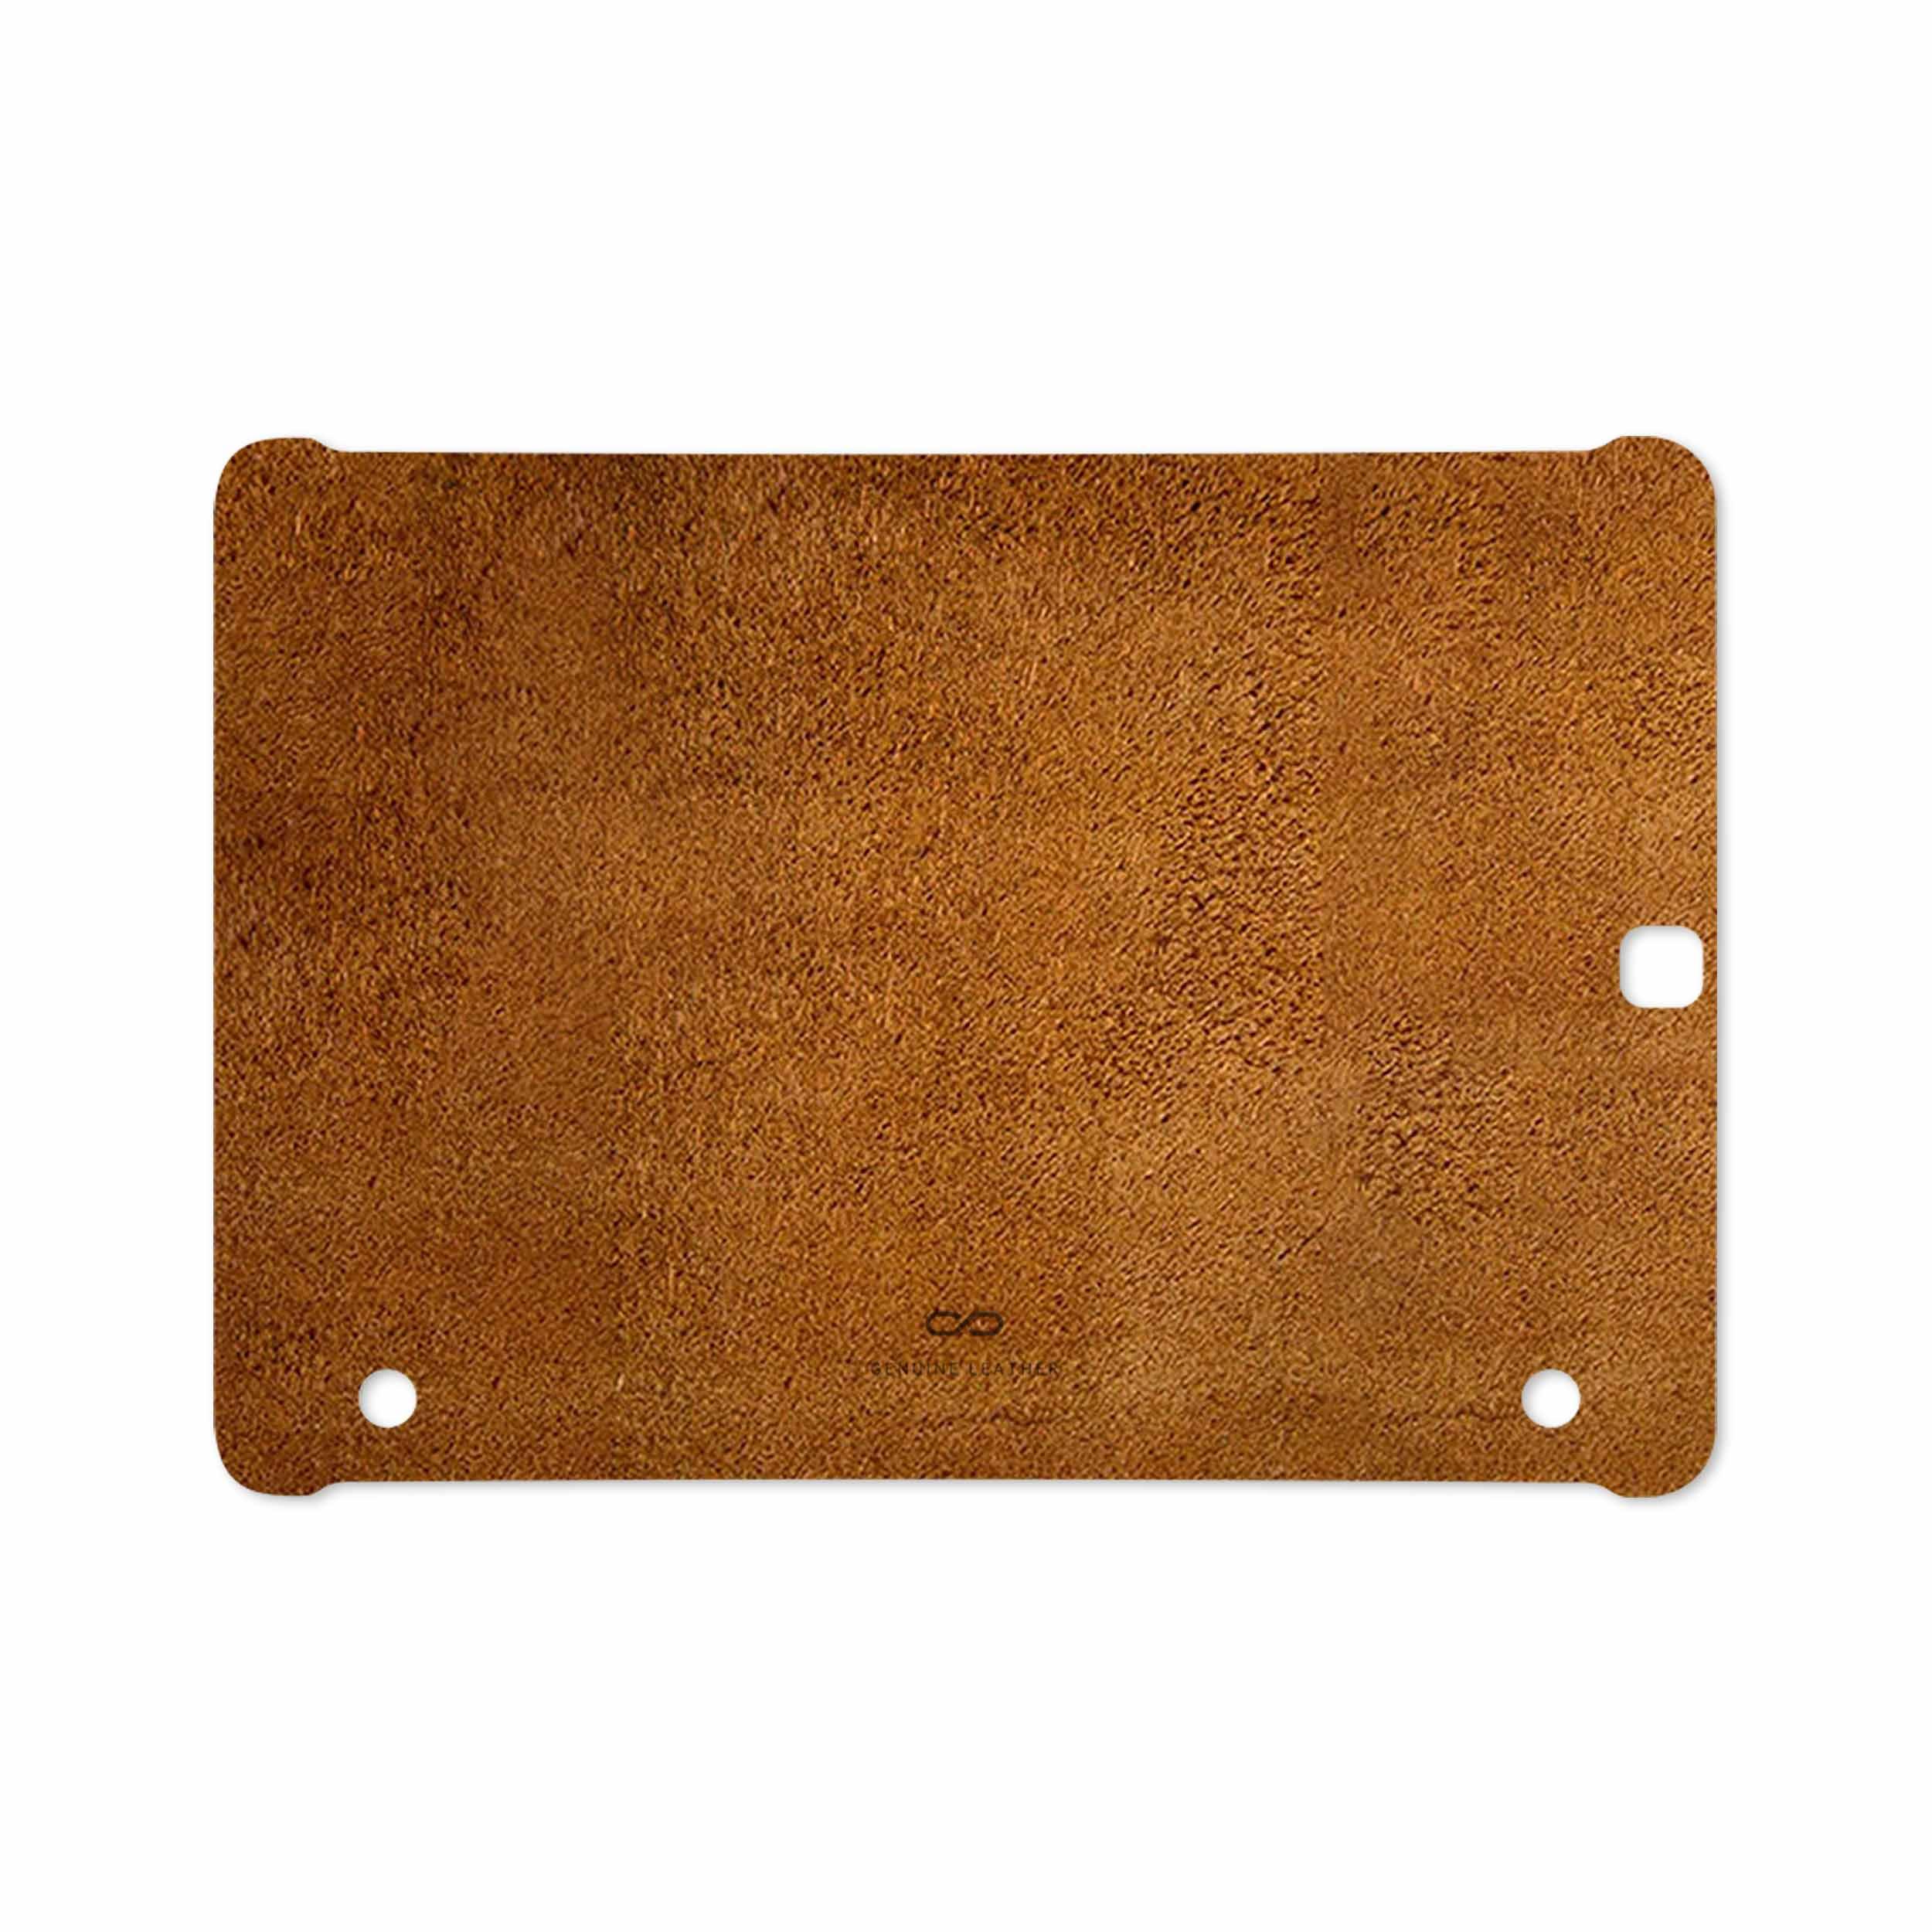 بررسی و خرید [با تخفیف]                                     برچسب پوششی ماهوت مدل Brown-Chamois-Leather مناسب برای تبلت سامسونگ Galaxy Tab S2 9.7 2016 T813N                             اورجینال